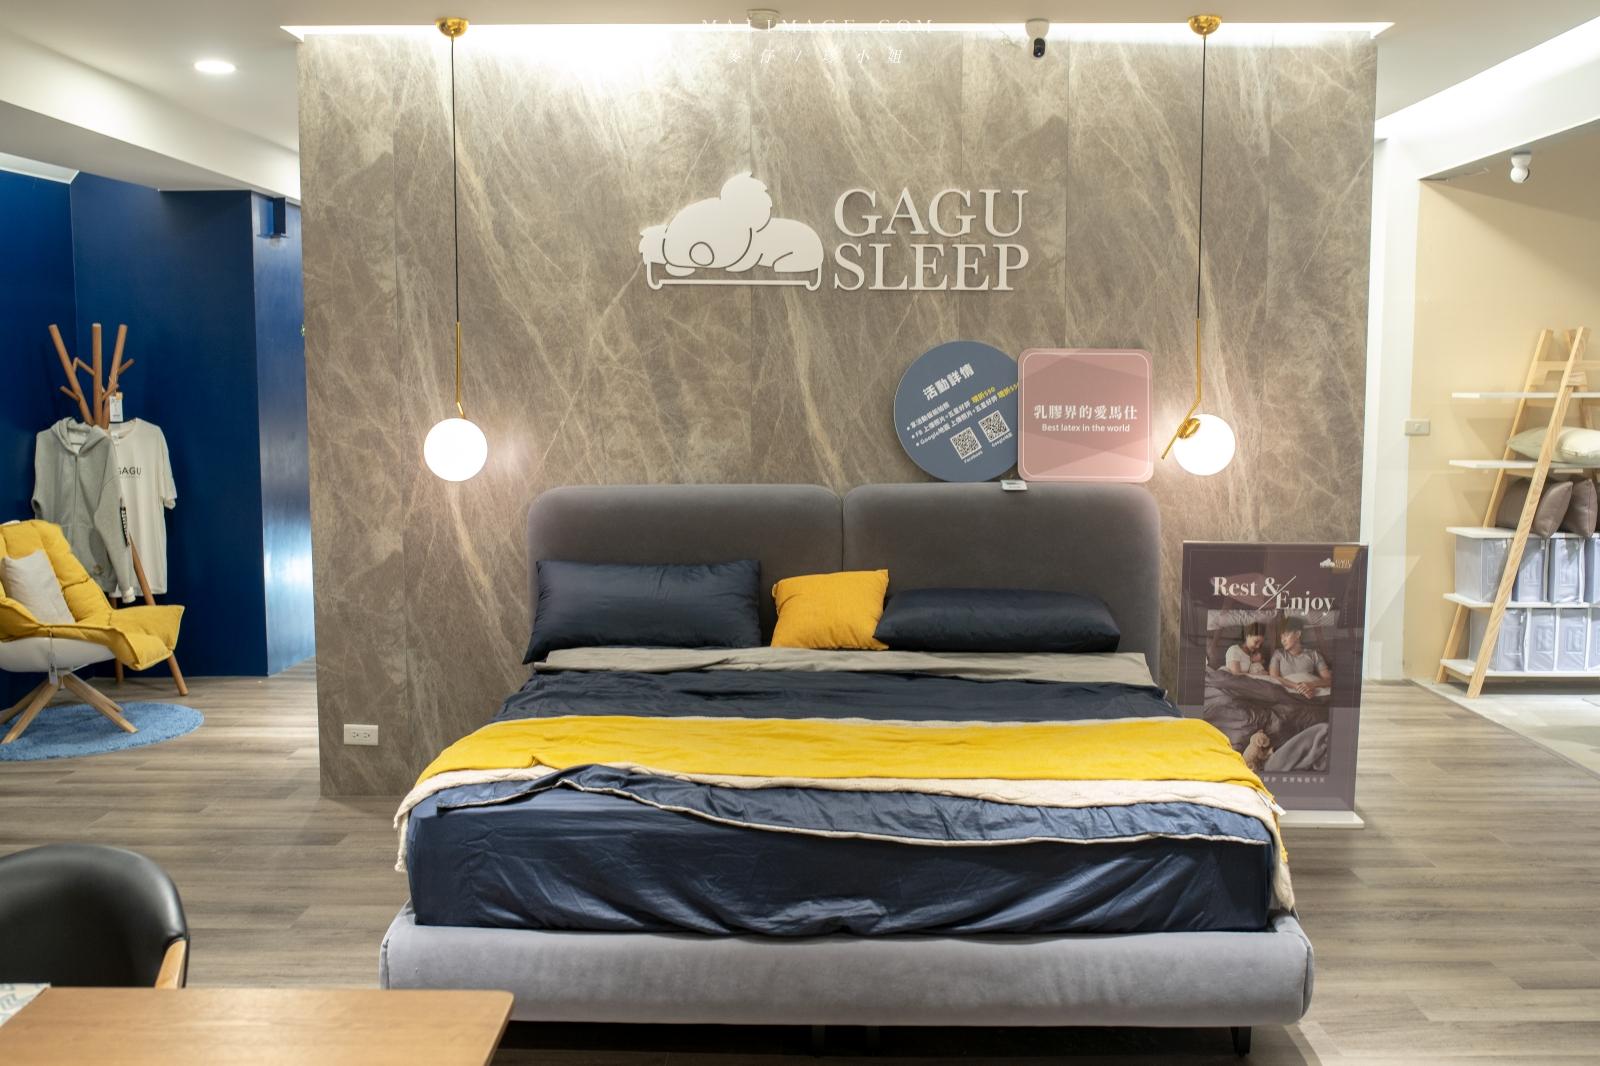 寢具推薦|GAGU北歐家具工廠冰山床墊『GAGU SLEEP』 v.s 眠豆腐系列『芝麻豆腐』床墊該選哪張?